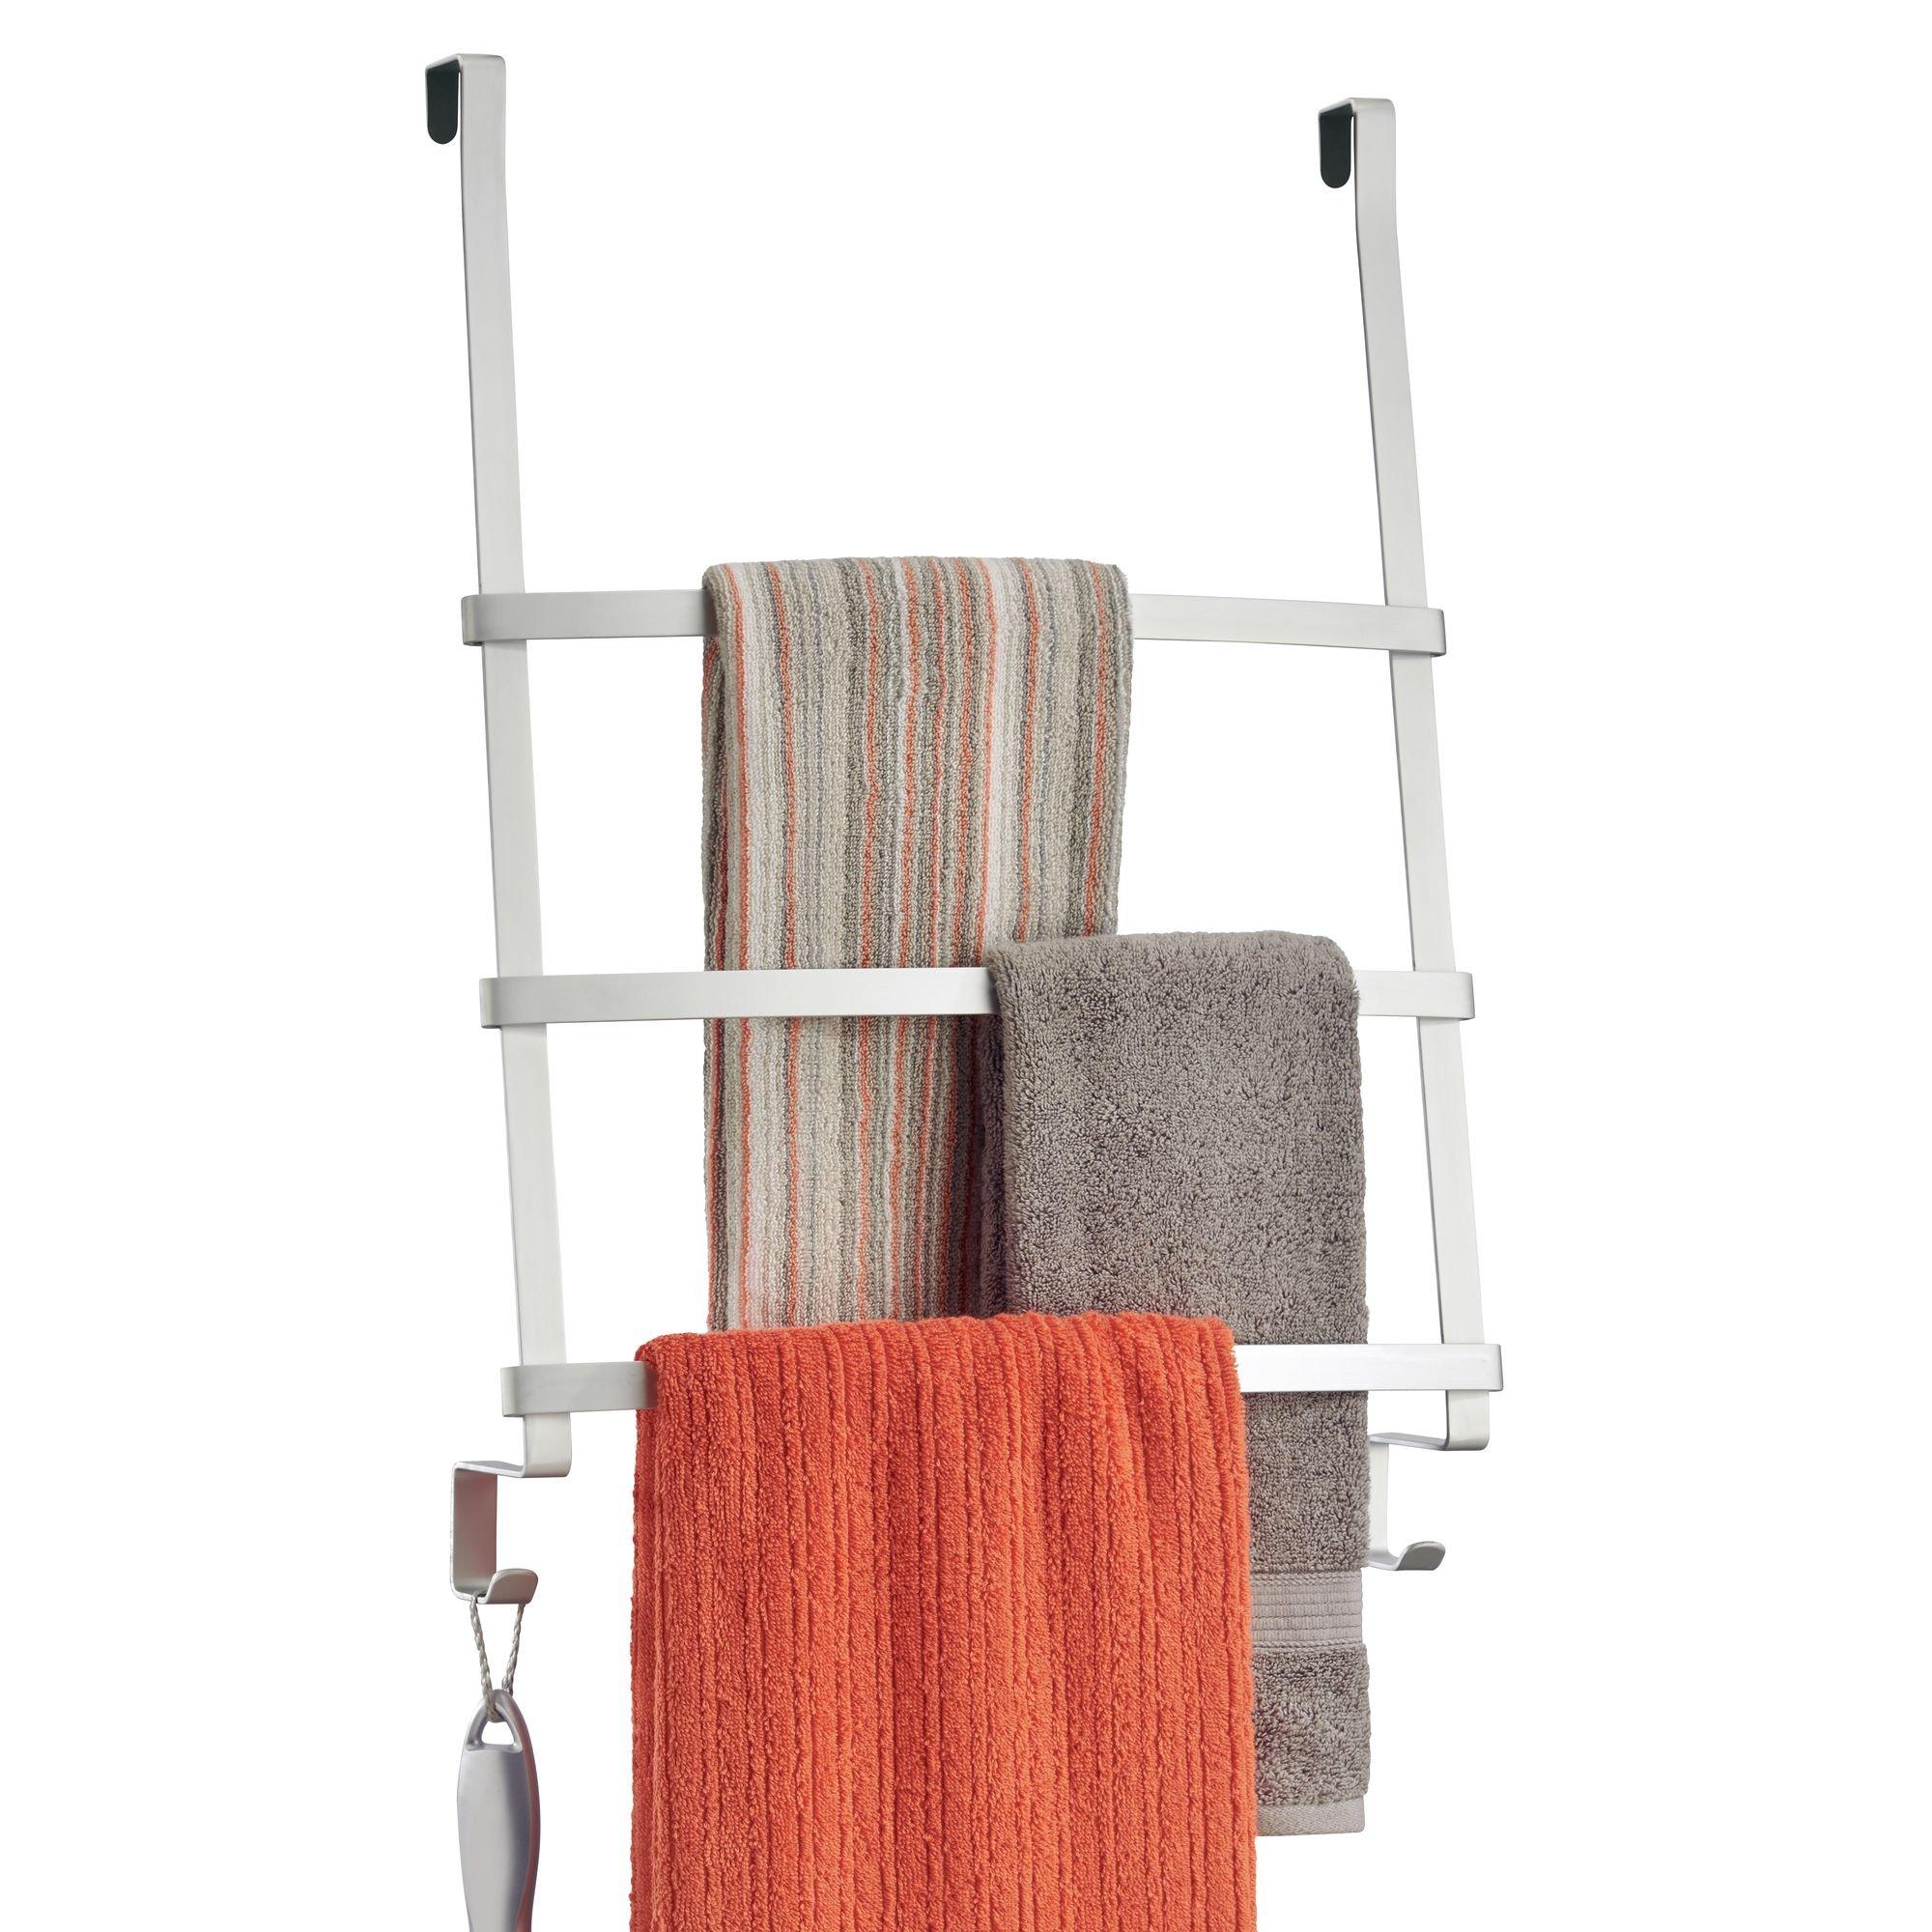 mDesign Rustproof Aluminum Over The Shower Door Towel Rack for Bathroom - Silver